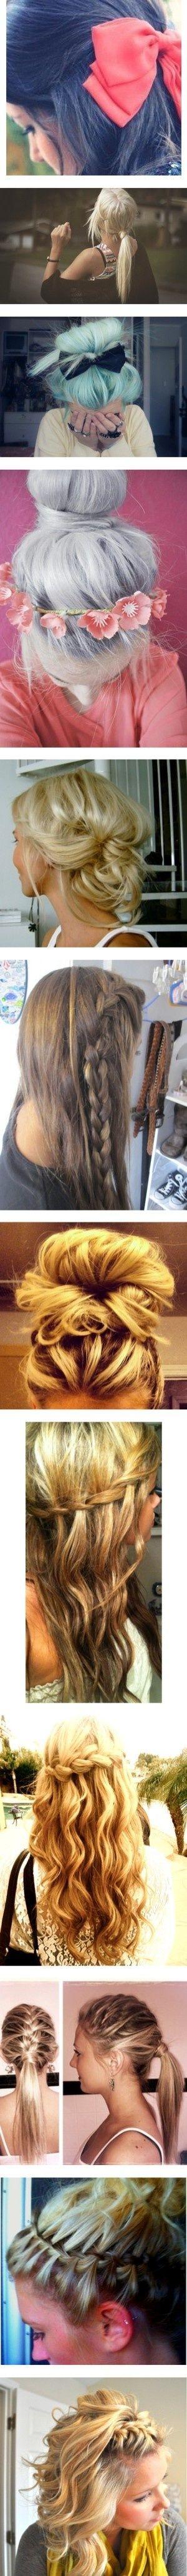 hair-spectacular